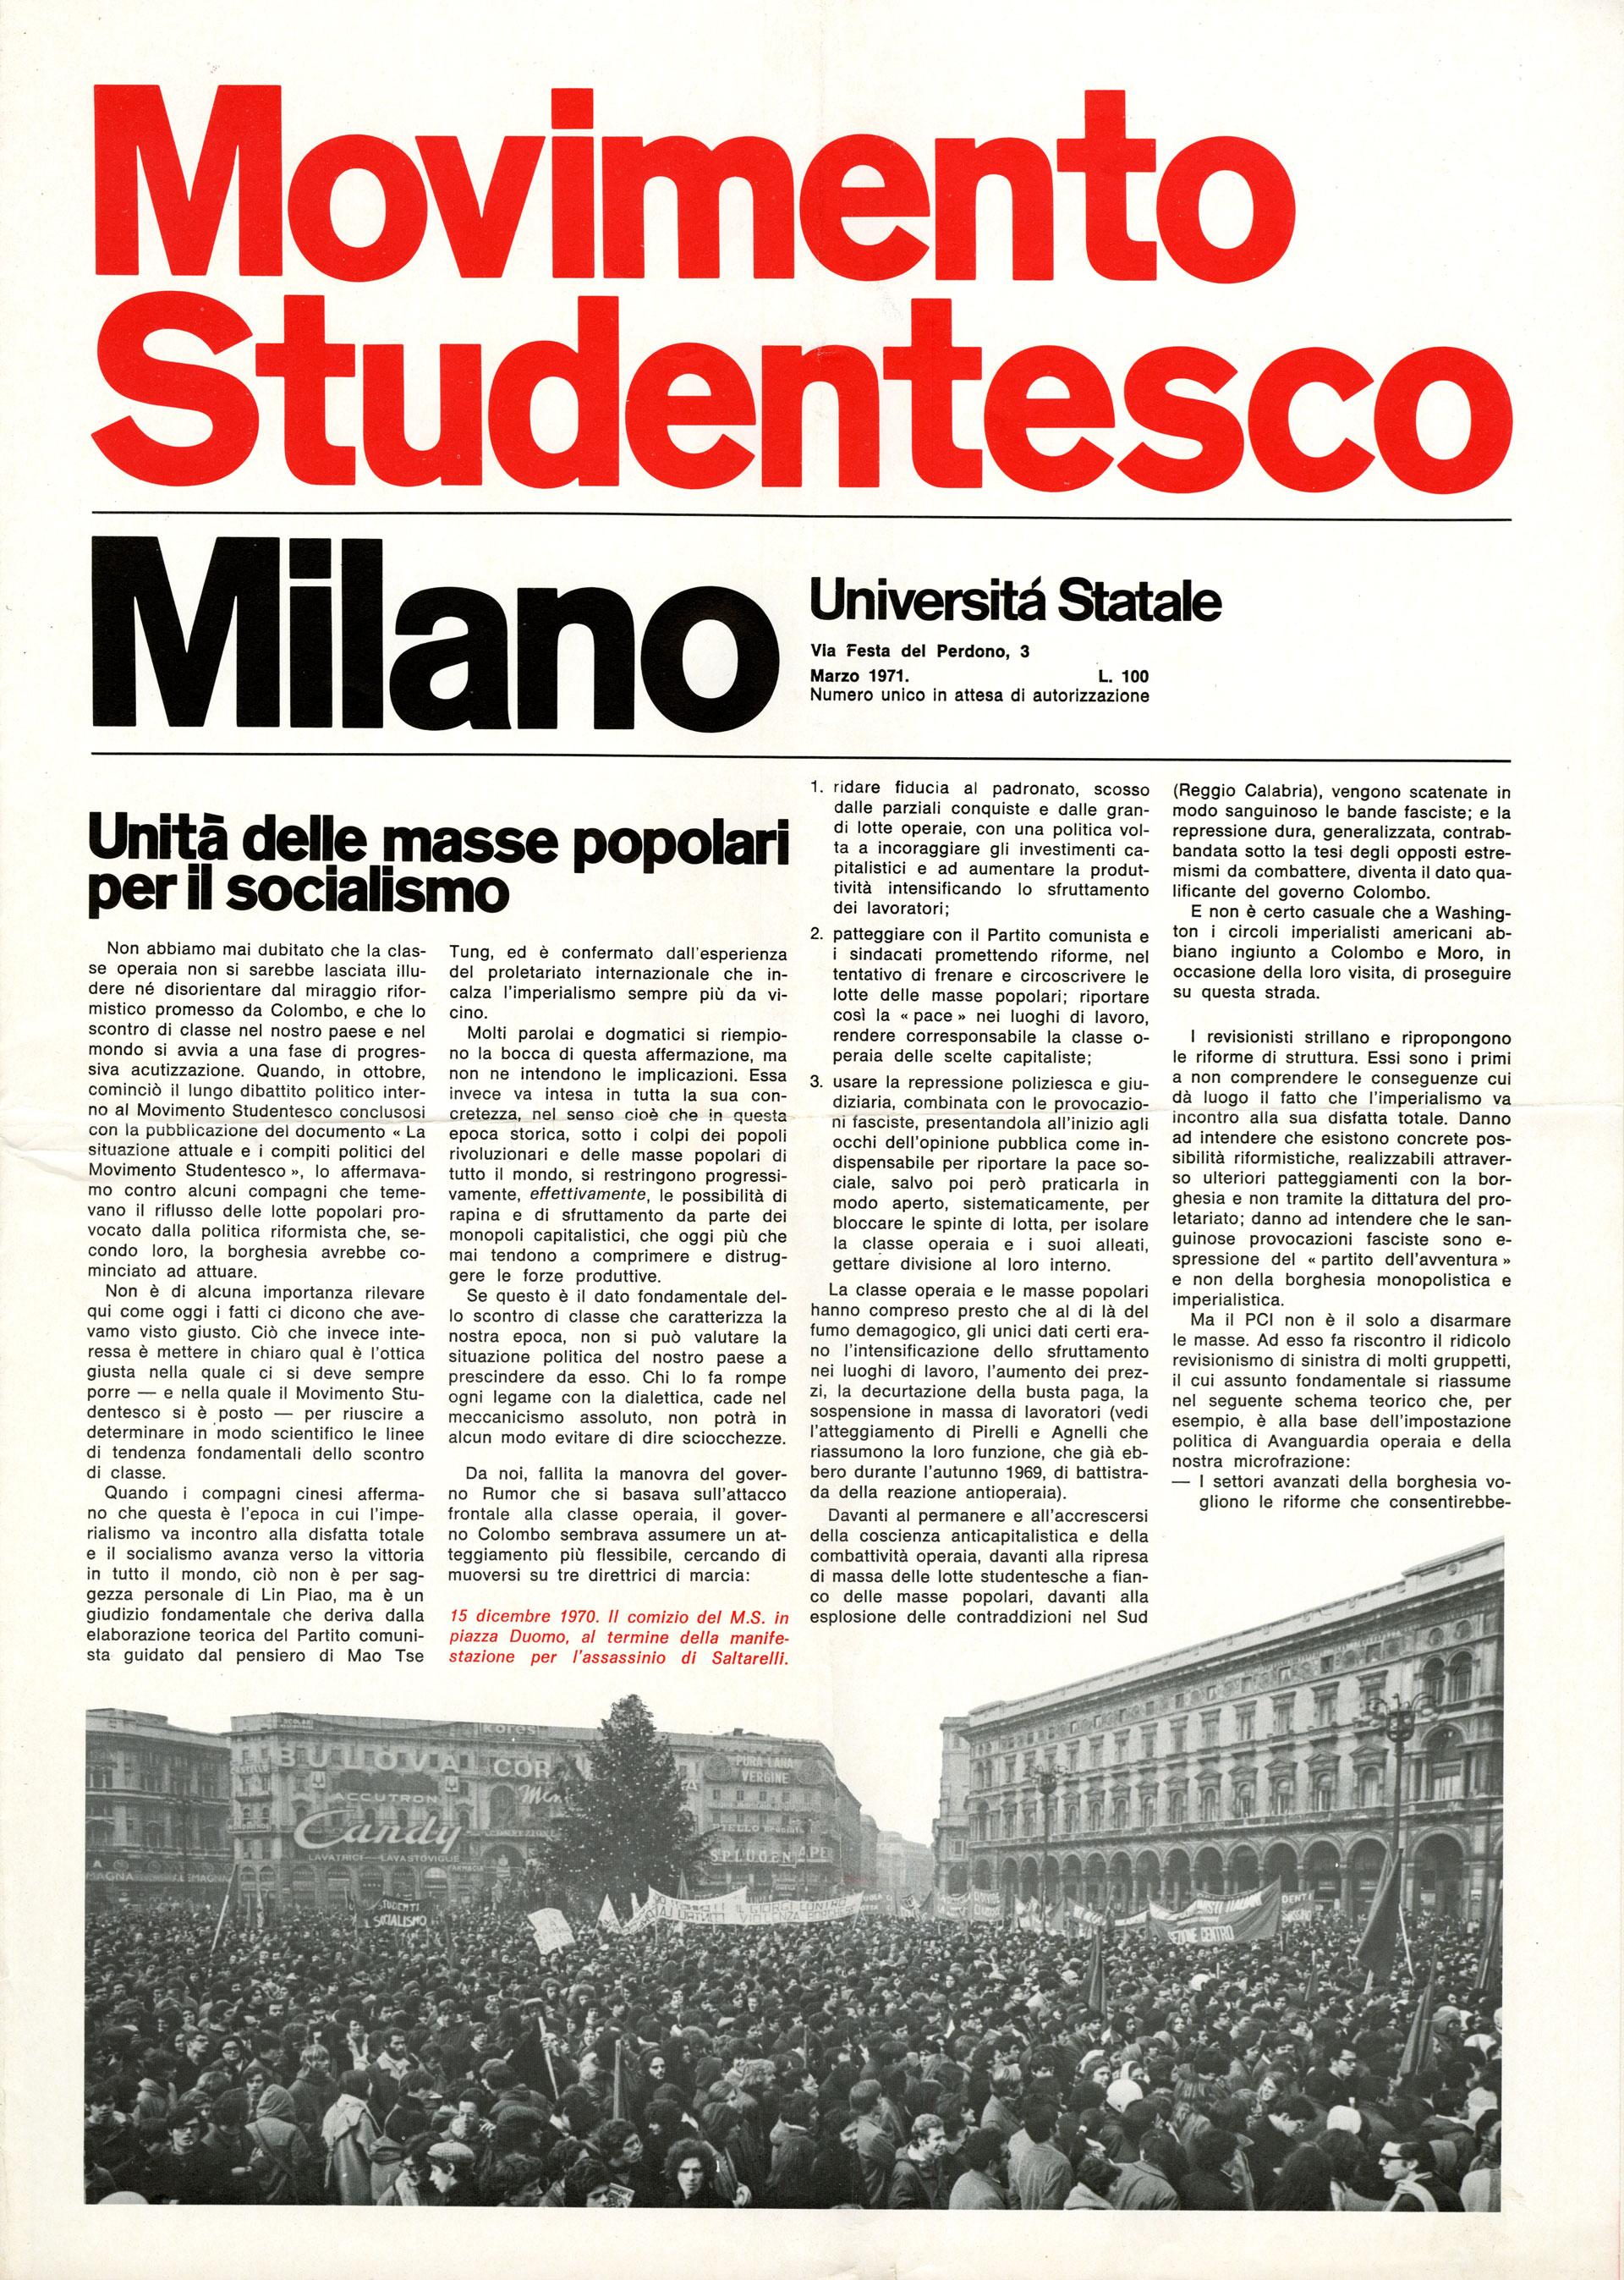 Movimento studentesco, 1971